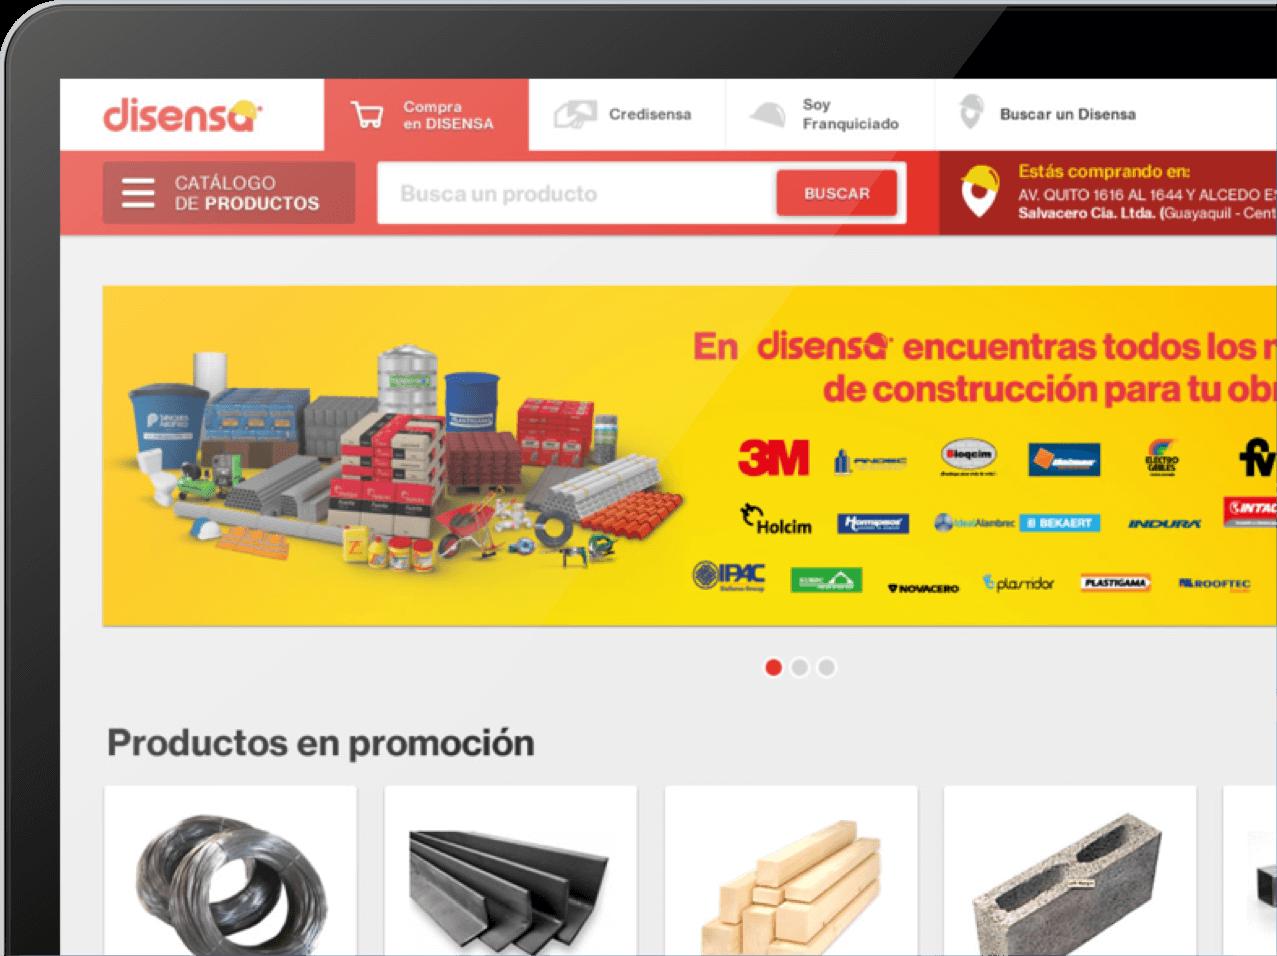 Disensa ecommerce implementacion y personalizacion image tech ecuador